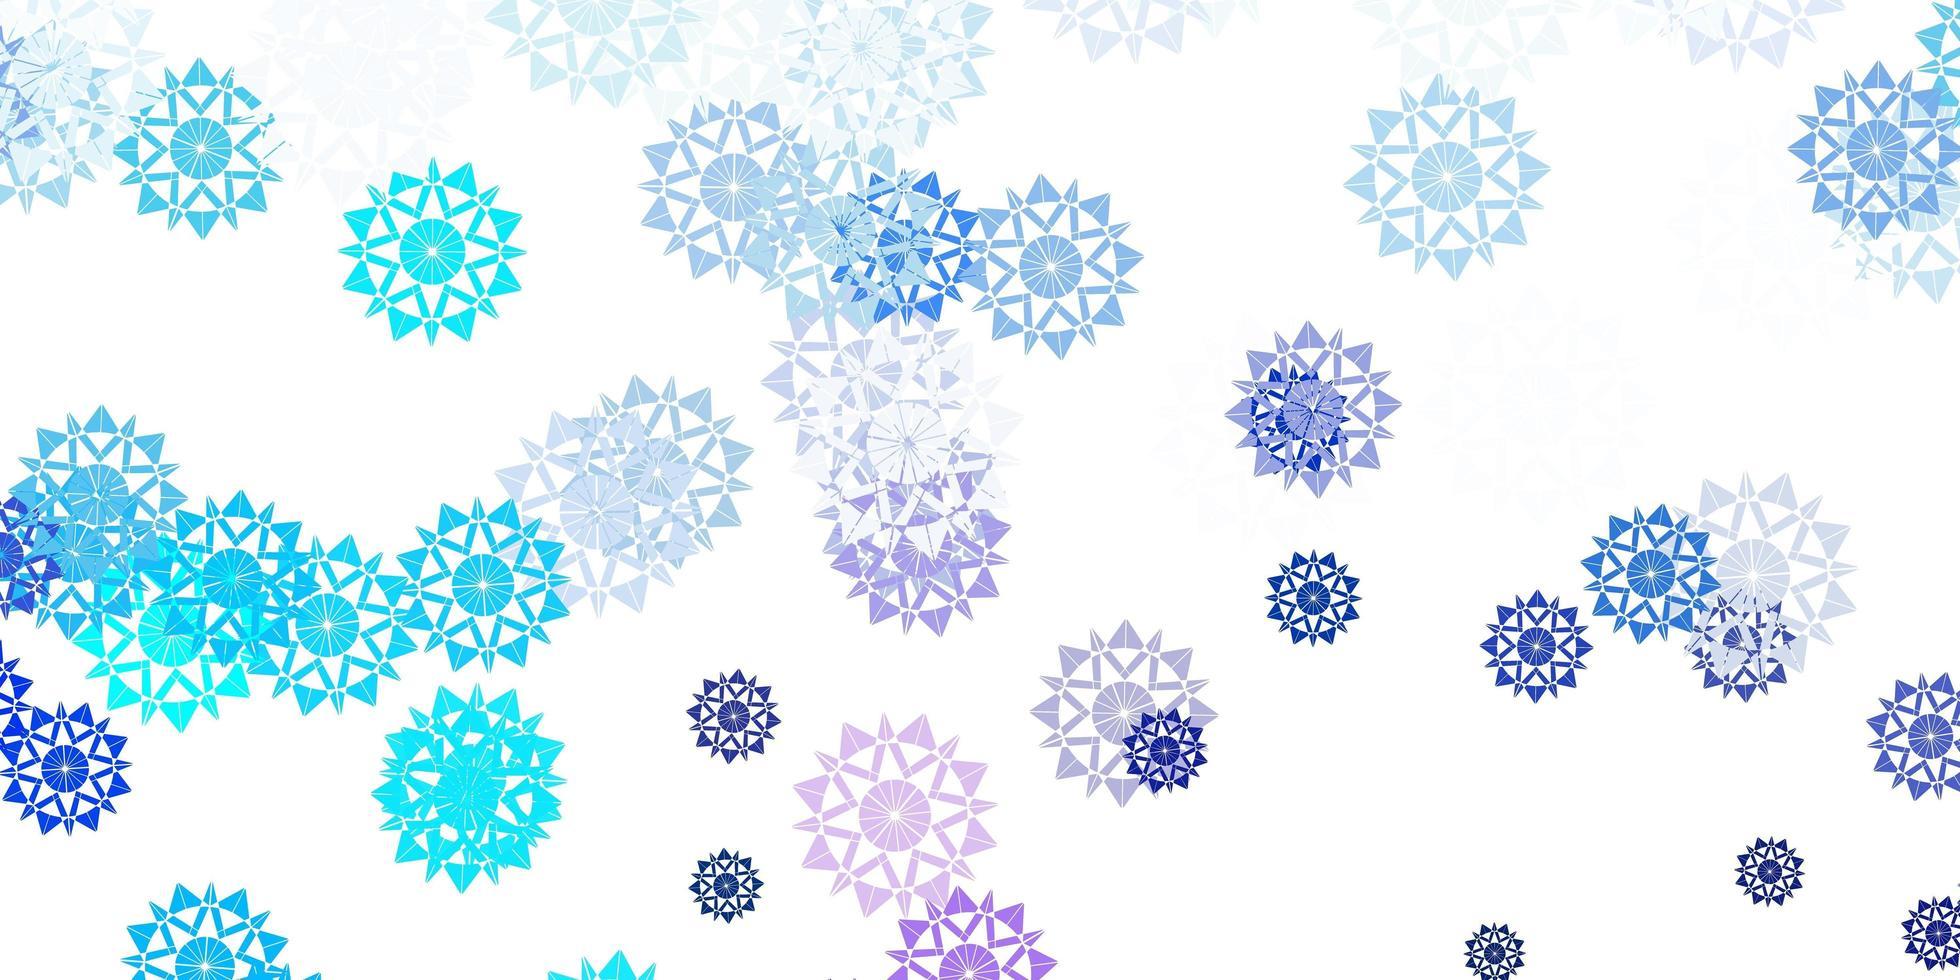 modèle vectoriel rose clair, bleu avec des flocons de neige de glace.